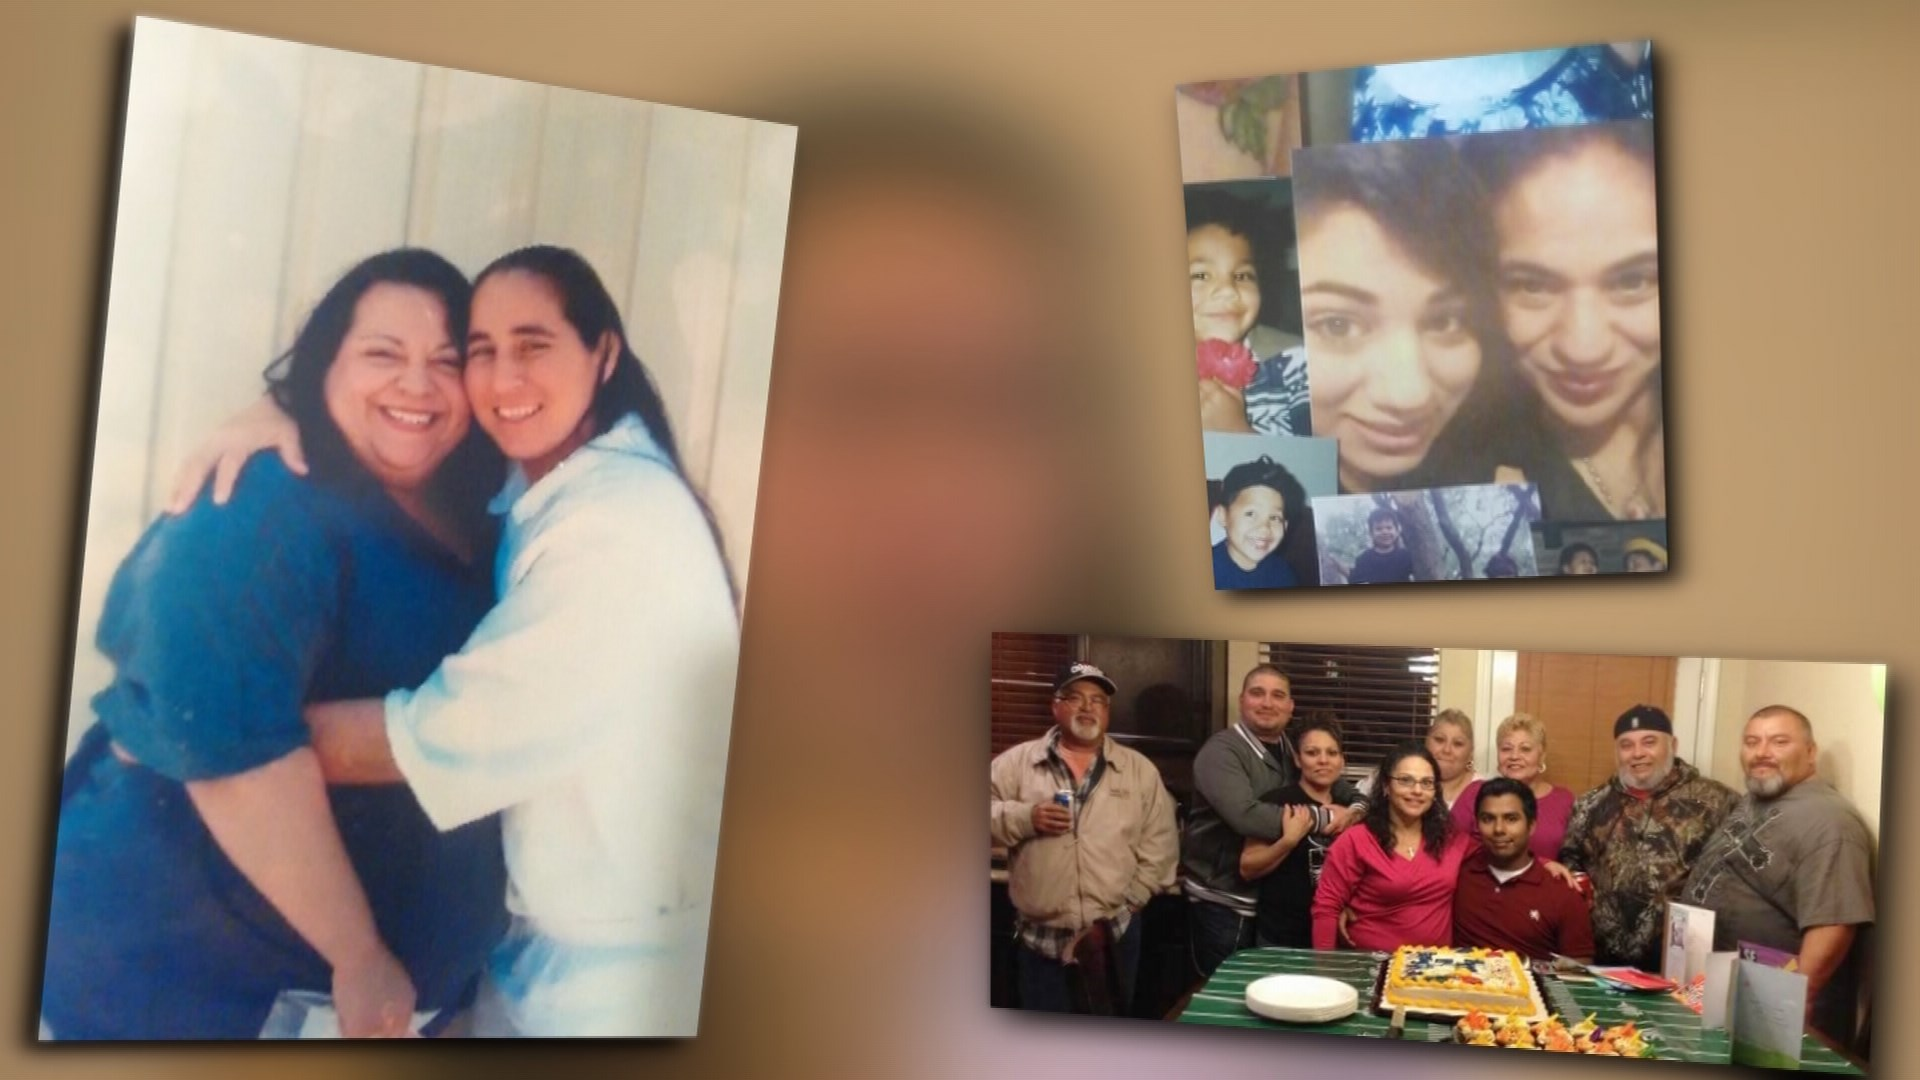 San Antonio Four Found Innocent Exonerated In Texas